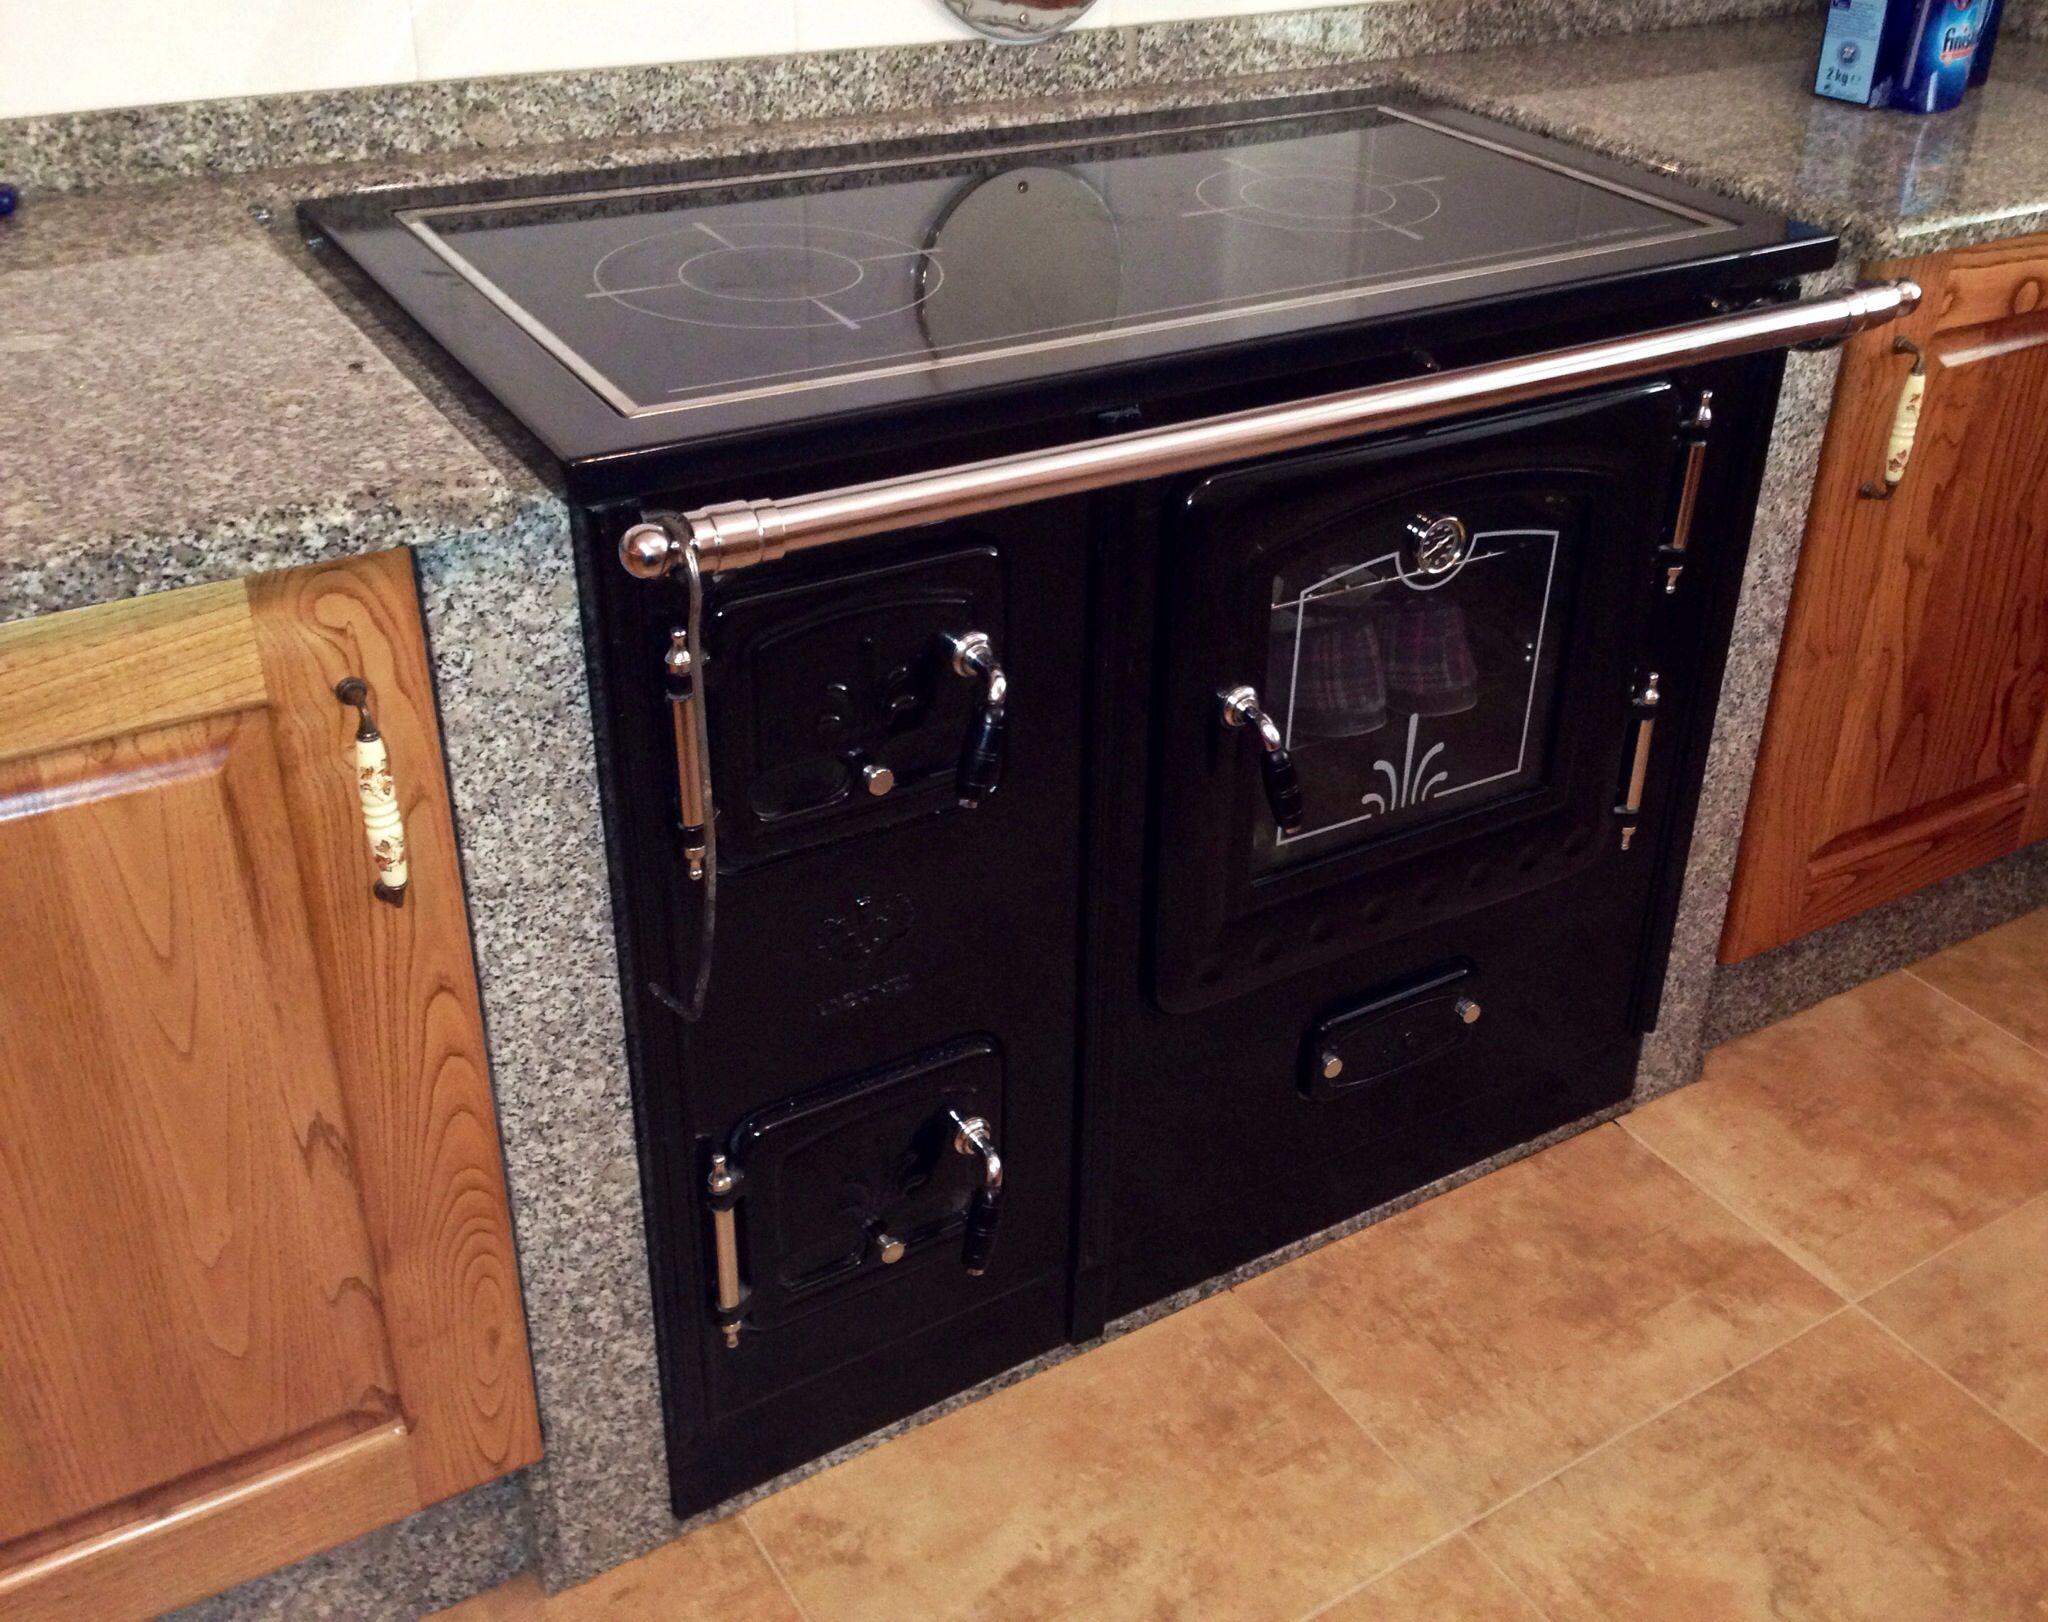 Cocina le a integrada en muebles de cocina decorama eo ribadeo lugo cocinas - Cocinas de lena ...